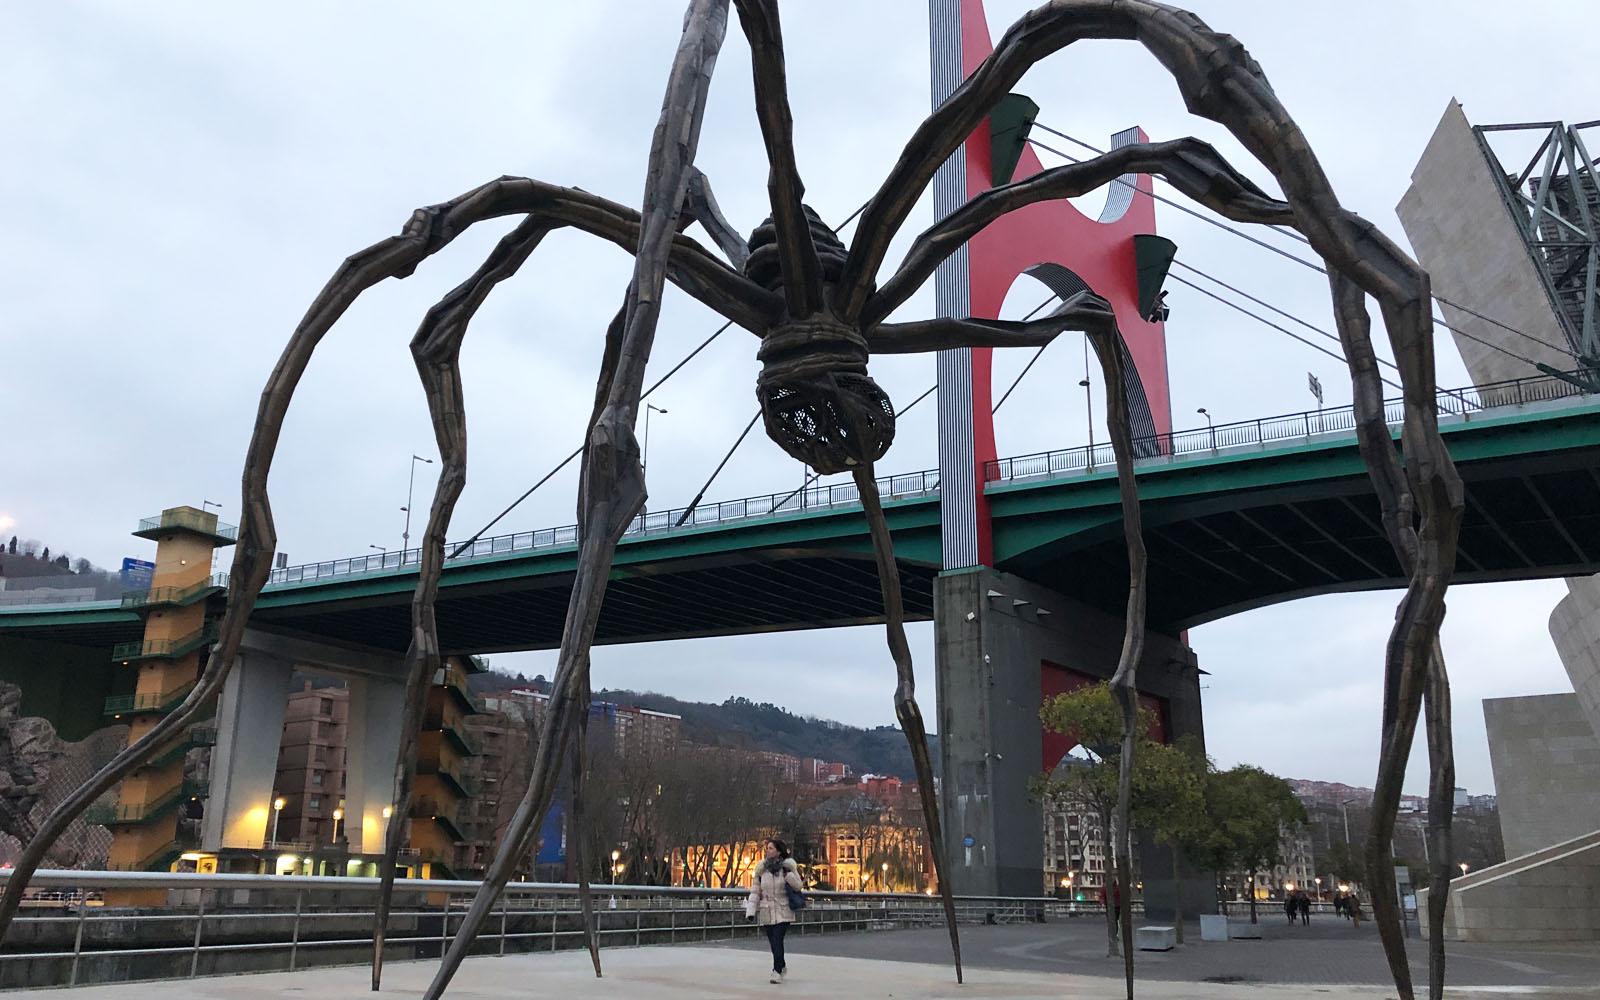 La gigantesca scultura del Ragno di Bourgeoise.